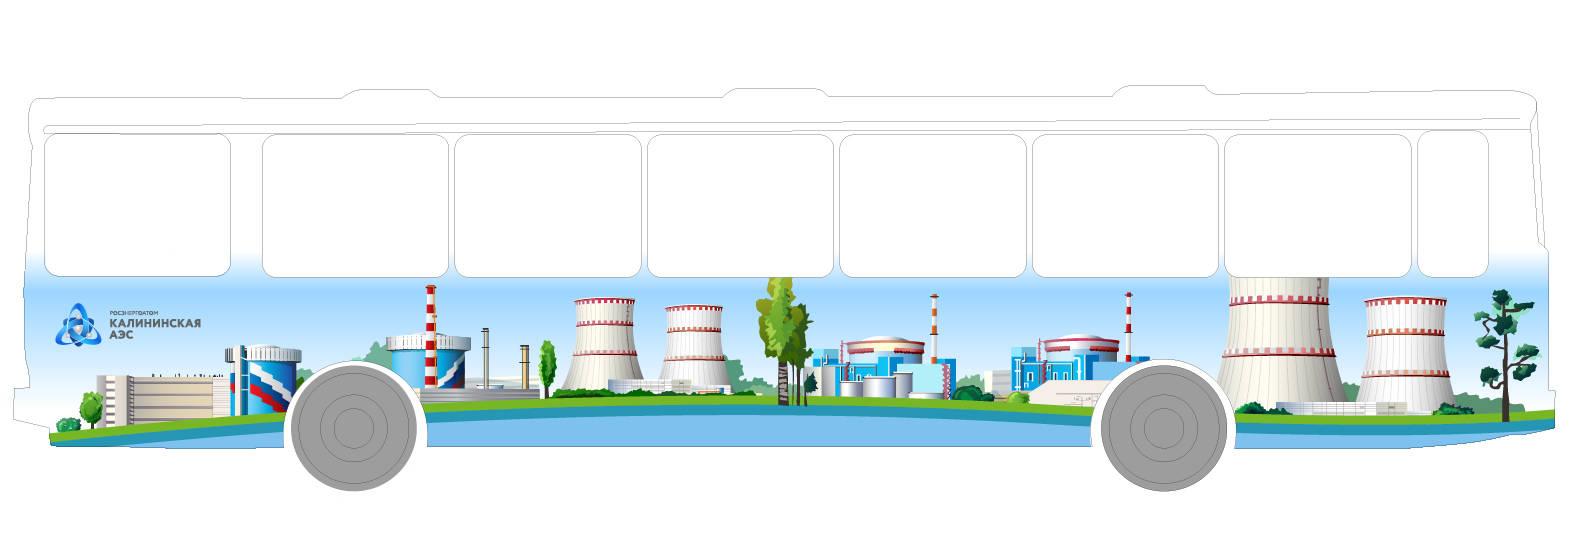 Корпоративный рейсовый автобус Калининской АЭС, 2015